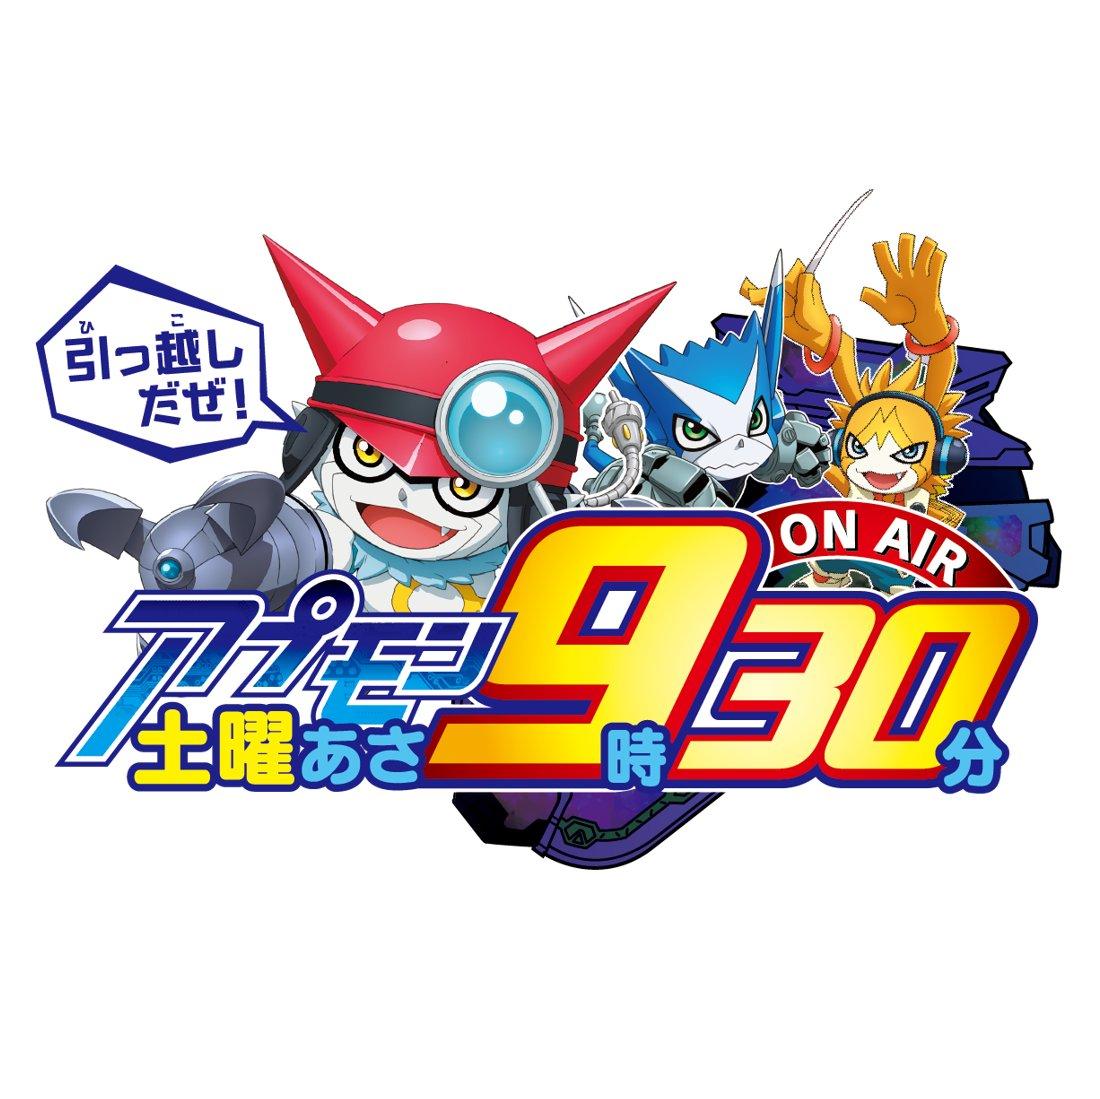 【大事なお知らせ】現在テレビ東京系6局ネットにて毎週土曜あさ7時~放送中の「デジモンユニバース アプリモンスターズ」は、